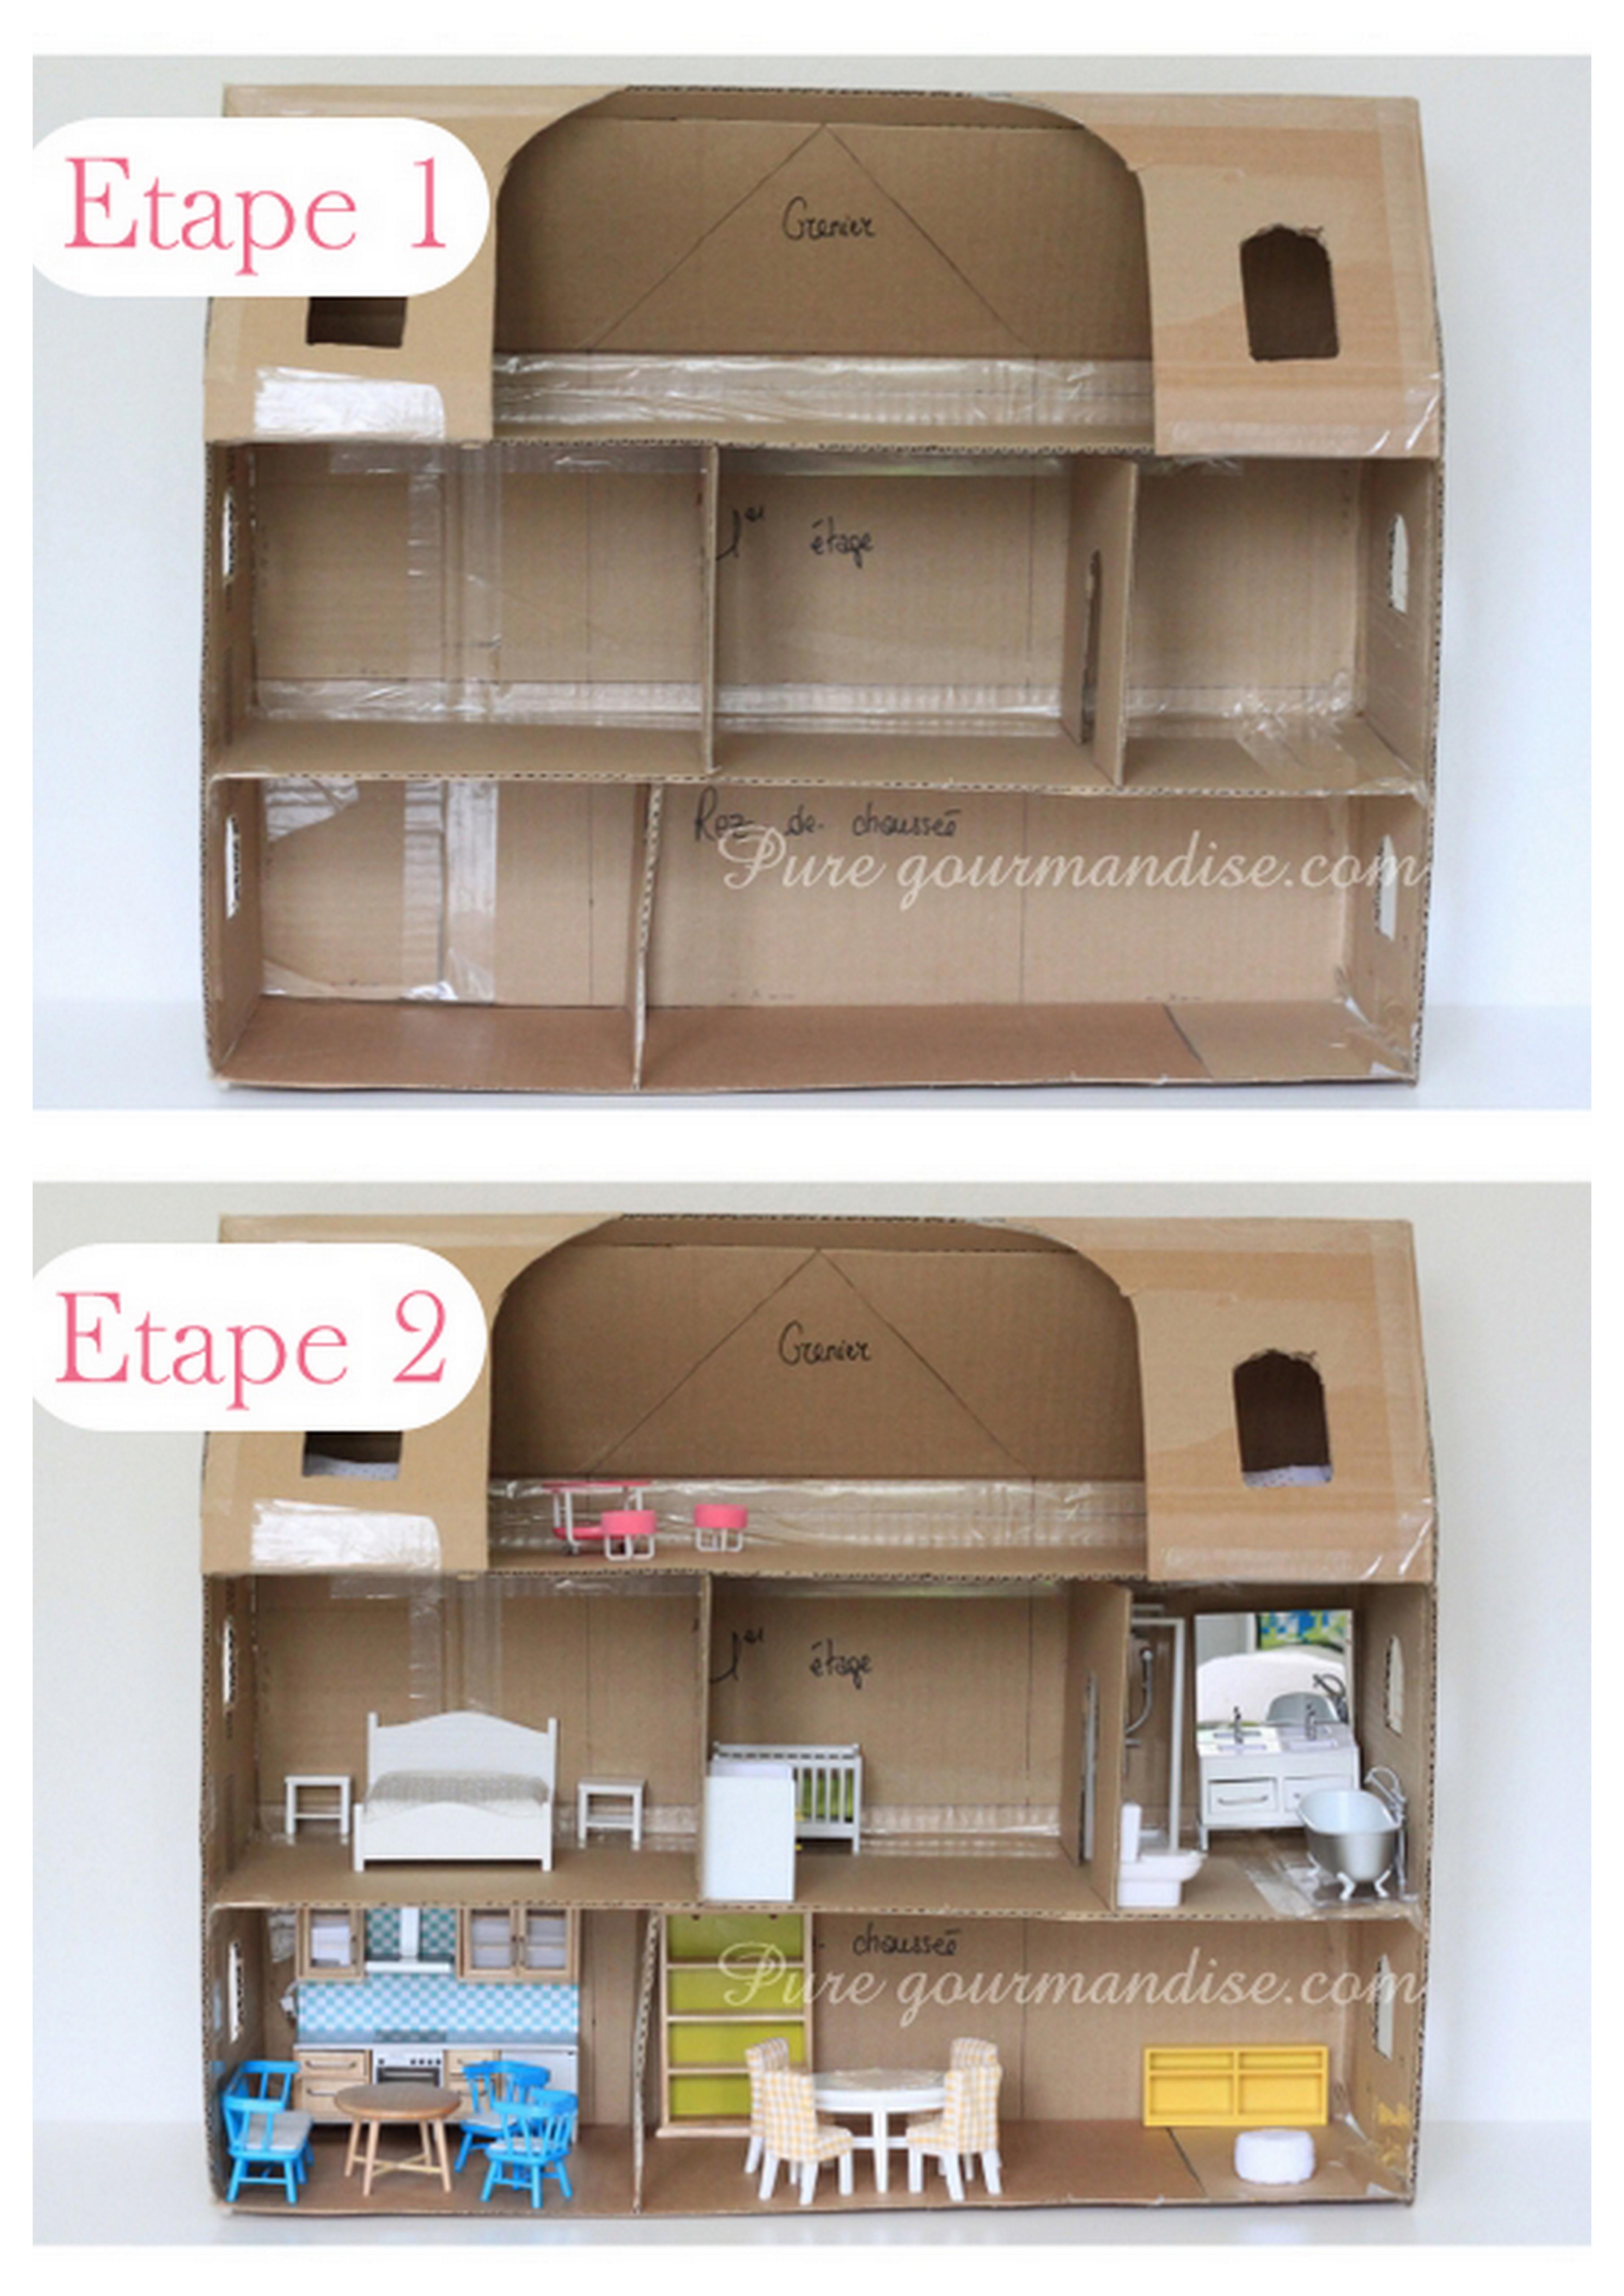 Maquette en carton de ma maison de poupée - PureGourmandise